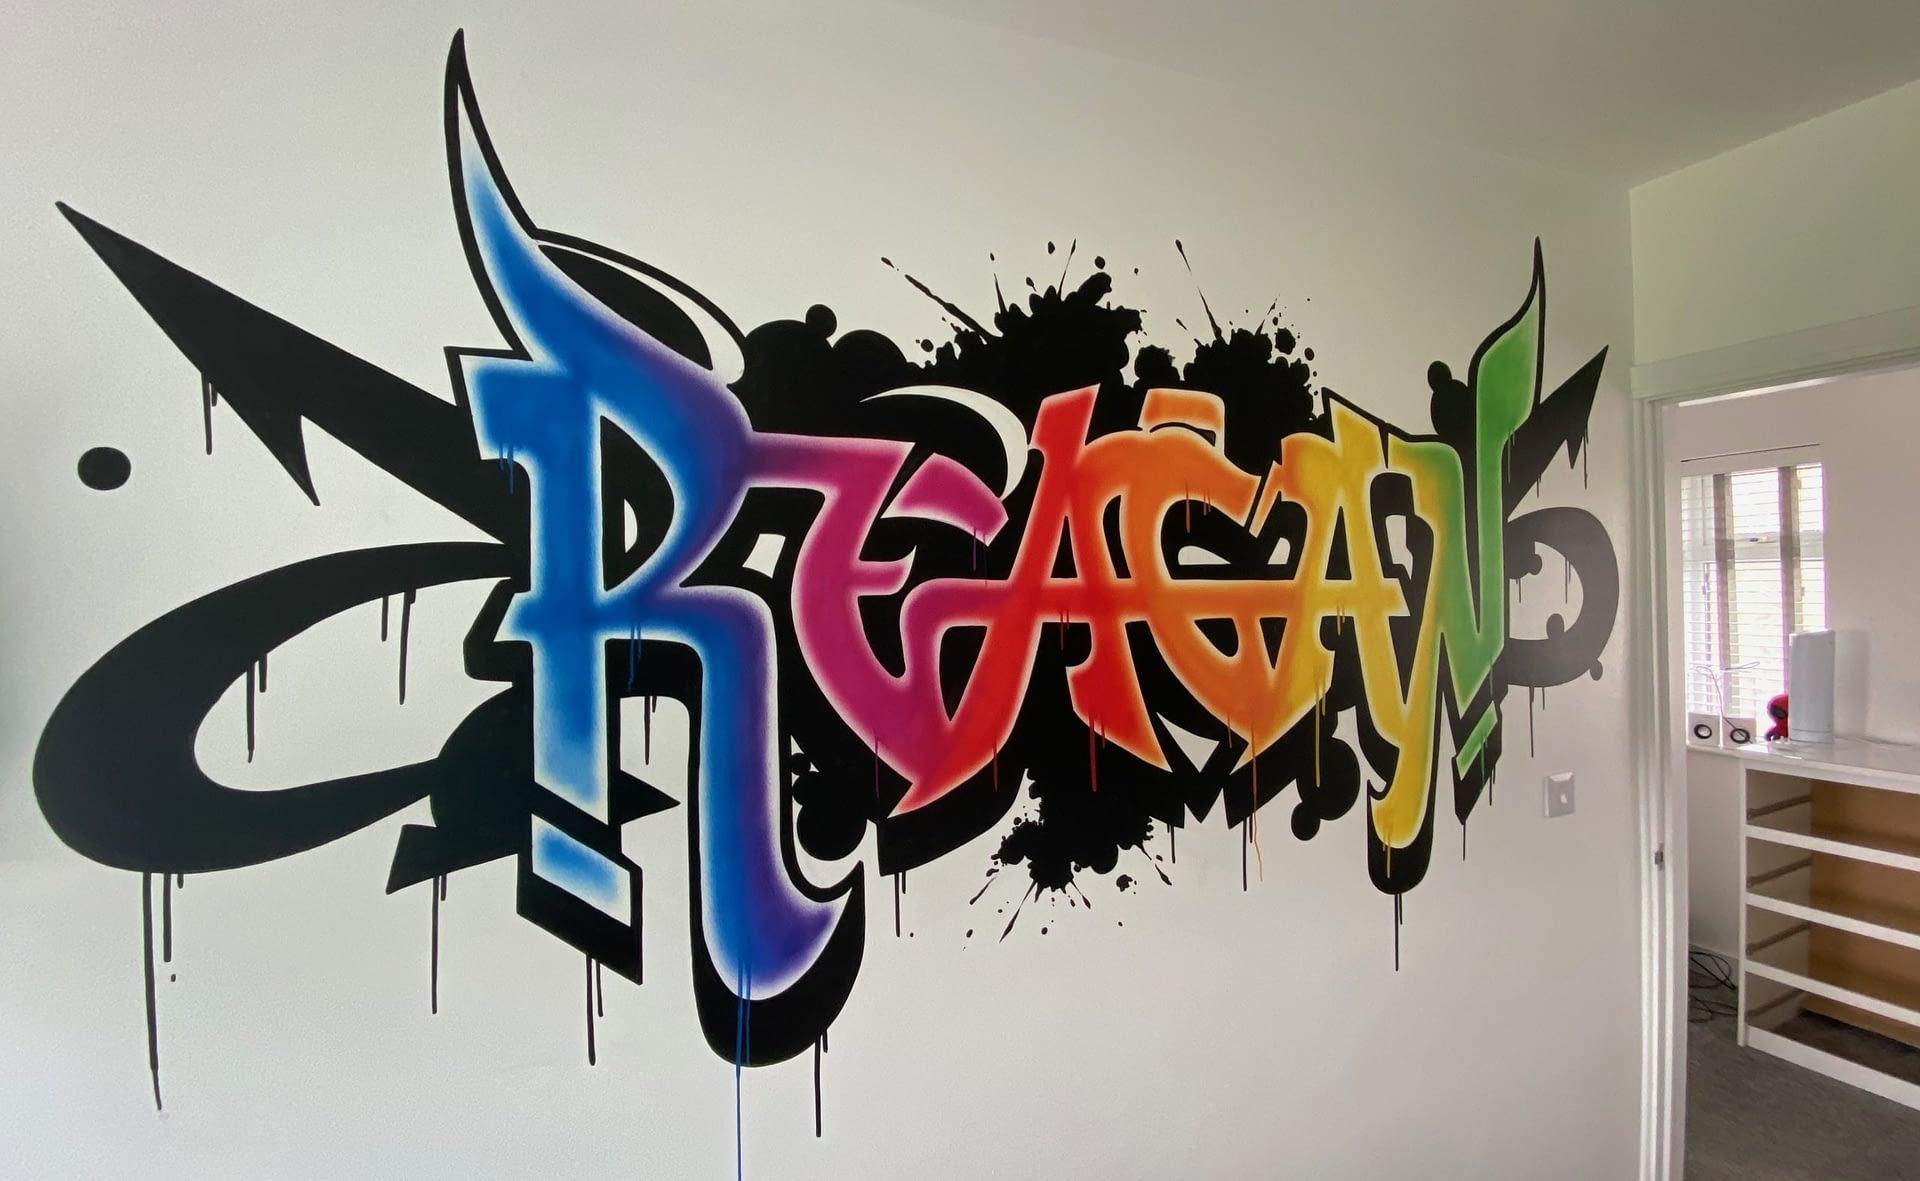 Regan Graffiti